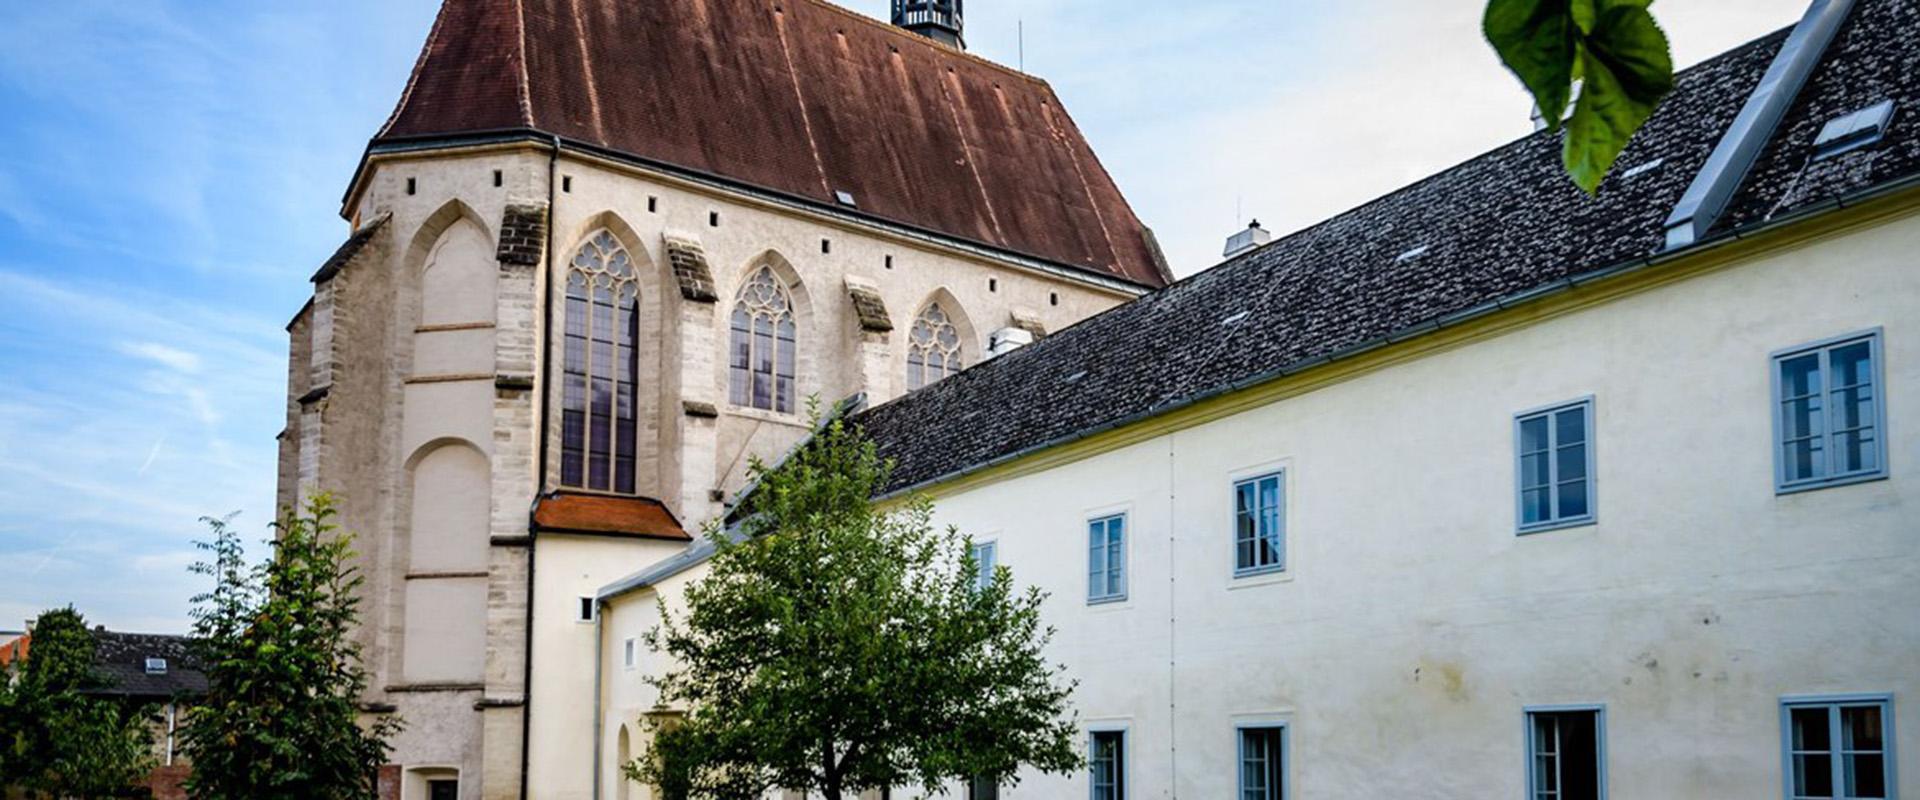 Klangraum Krems Minoritenkirche Bild